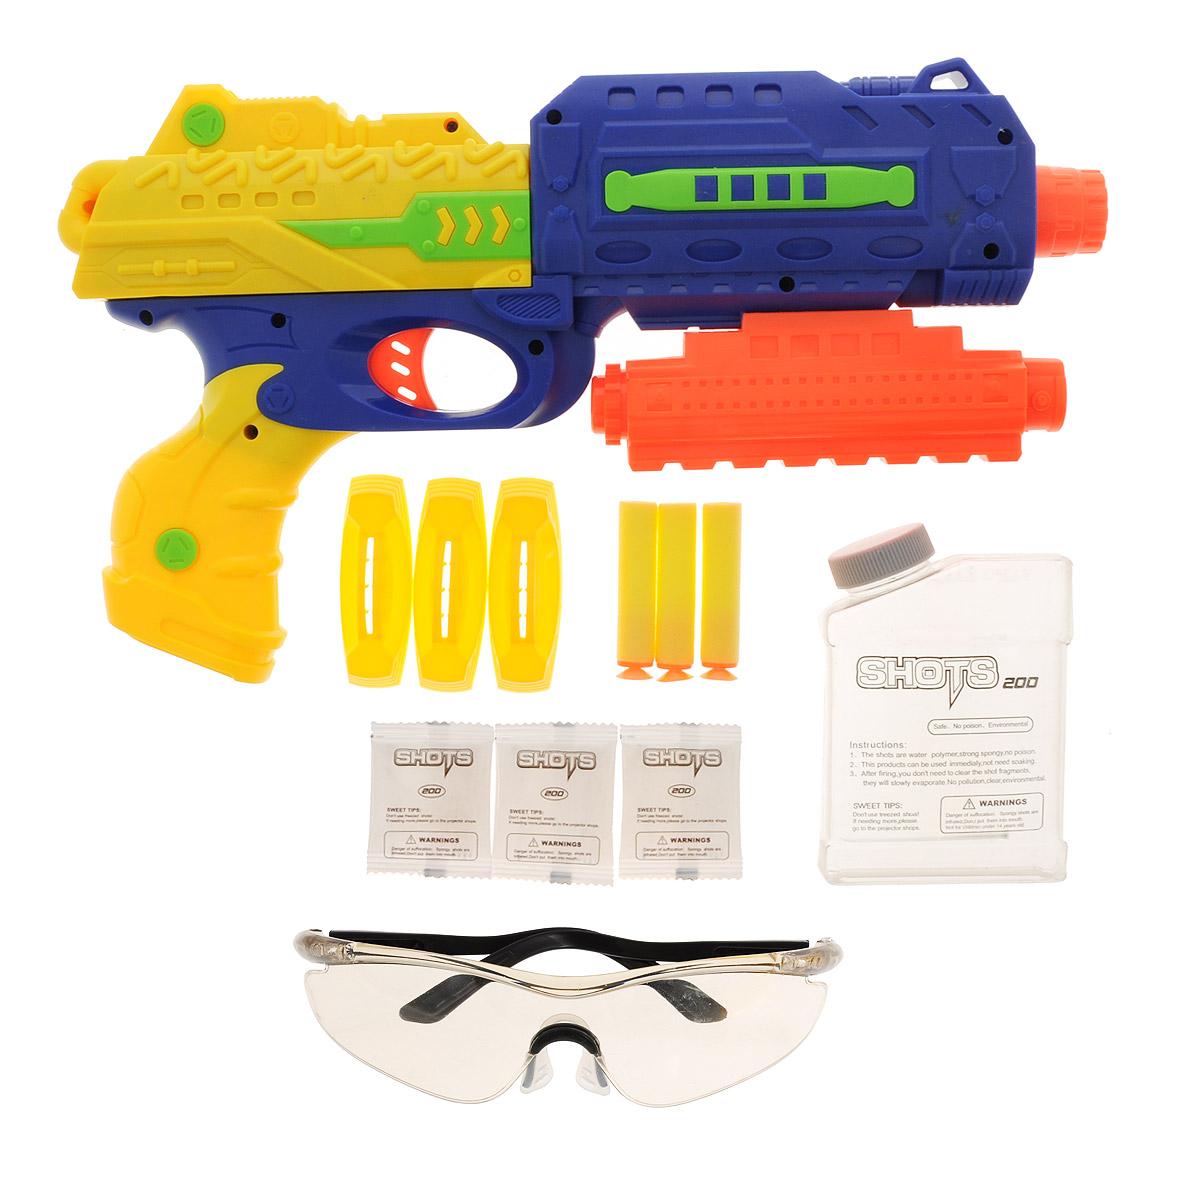 Игровой набор Mioshi Army Стража: Бластер М34, цвет: синий, желтыйMAR1106-008Игровой набор Mioshi Стража: Бластер М34 безусловно понравится любому мальчишке, который любит войнушки и стрелялки. Это многофункциональное и безопасное оружие обладает световыми эффектами, лазерным прицелом и целым набором включая защитные очки для обмундирования, набор шариков в количестве 600 штук, 3 присоски которыми также может стрелять бластер, мишень для усовершенствования навыков стрельбы и одиночных игр. Яркий урбанистический дизайн не может не порадовать современного ребенка, он обязательно привлечет внимание с разнообразием набора и его функционалом, делая вашего ребенка настоящим героем. Дальность стрельбы - до 24 м. Для работы прицела рекомендуется докупить 2 батарейки типа AG13 (товар комплектуется демонстрационными).